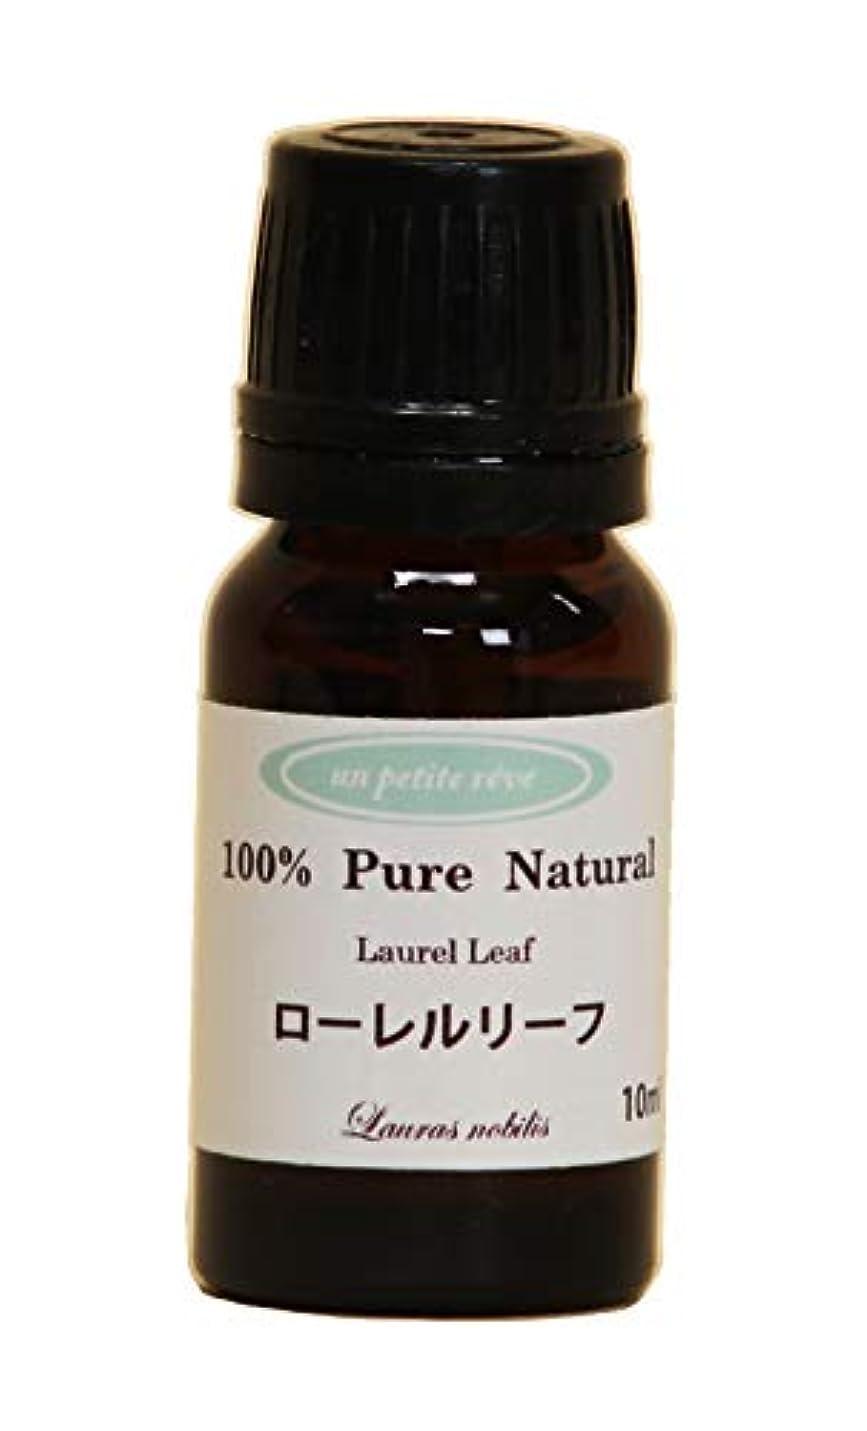 文庫本あさり大ローレルリーフ  10ml 100%天然アロマエッセンシャルオイル(精油)